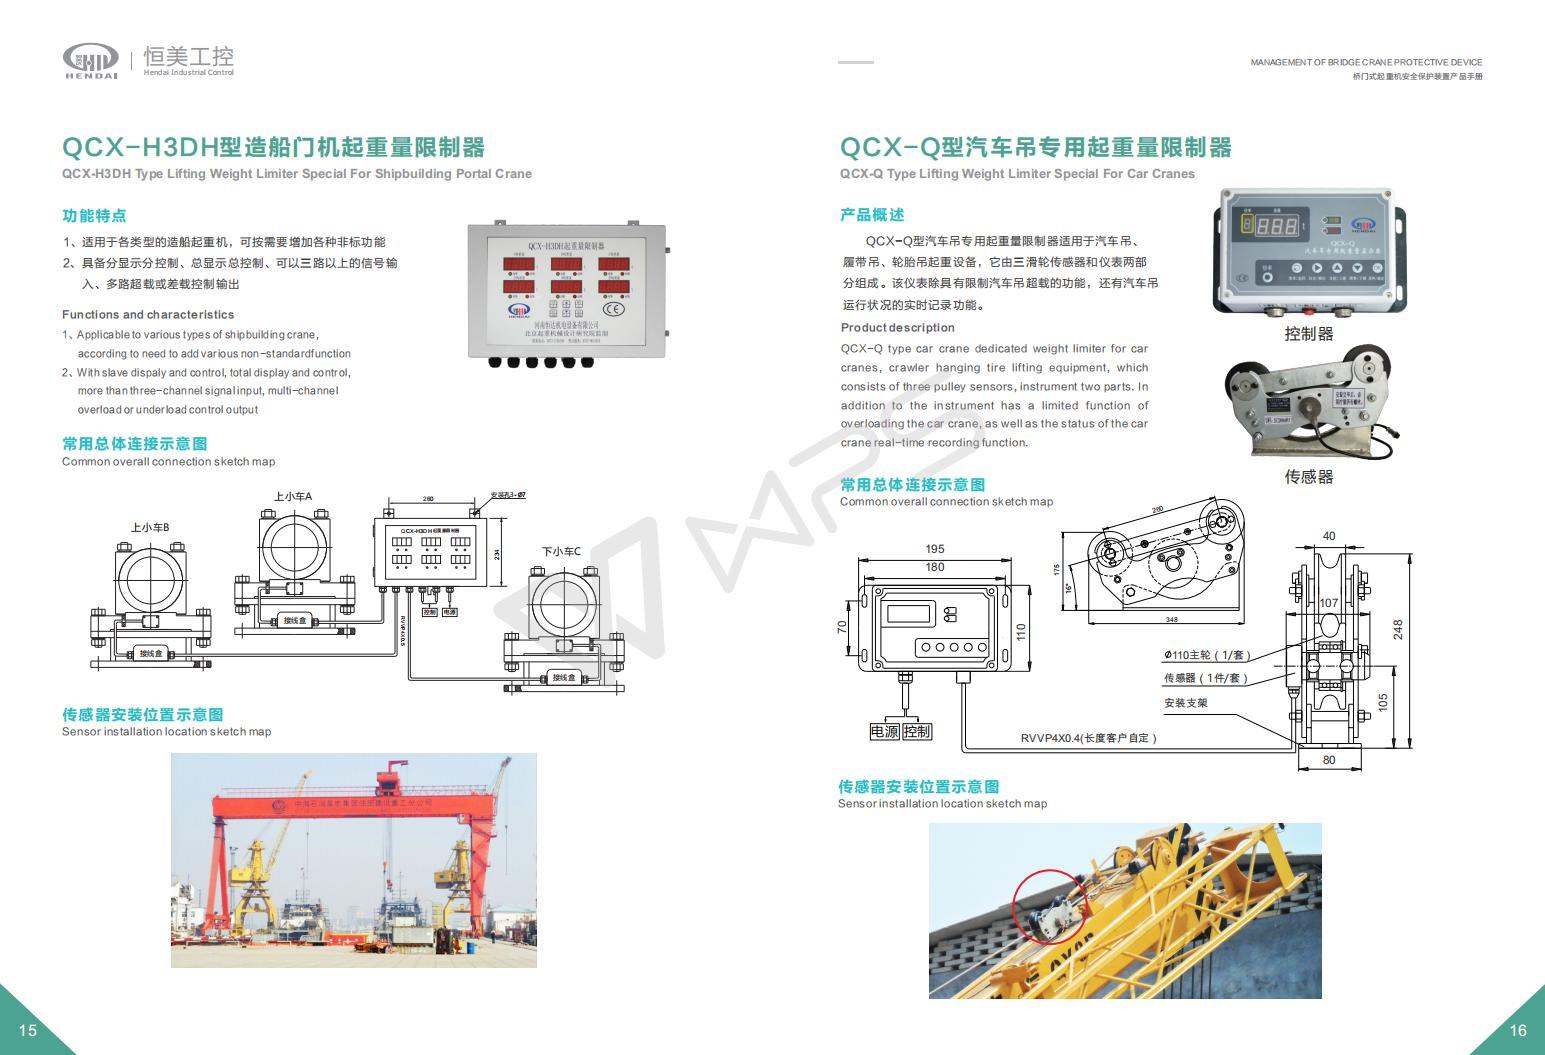 桥门式起重机安全监控管理系统